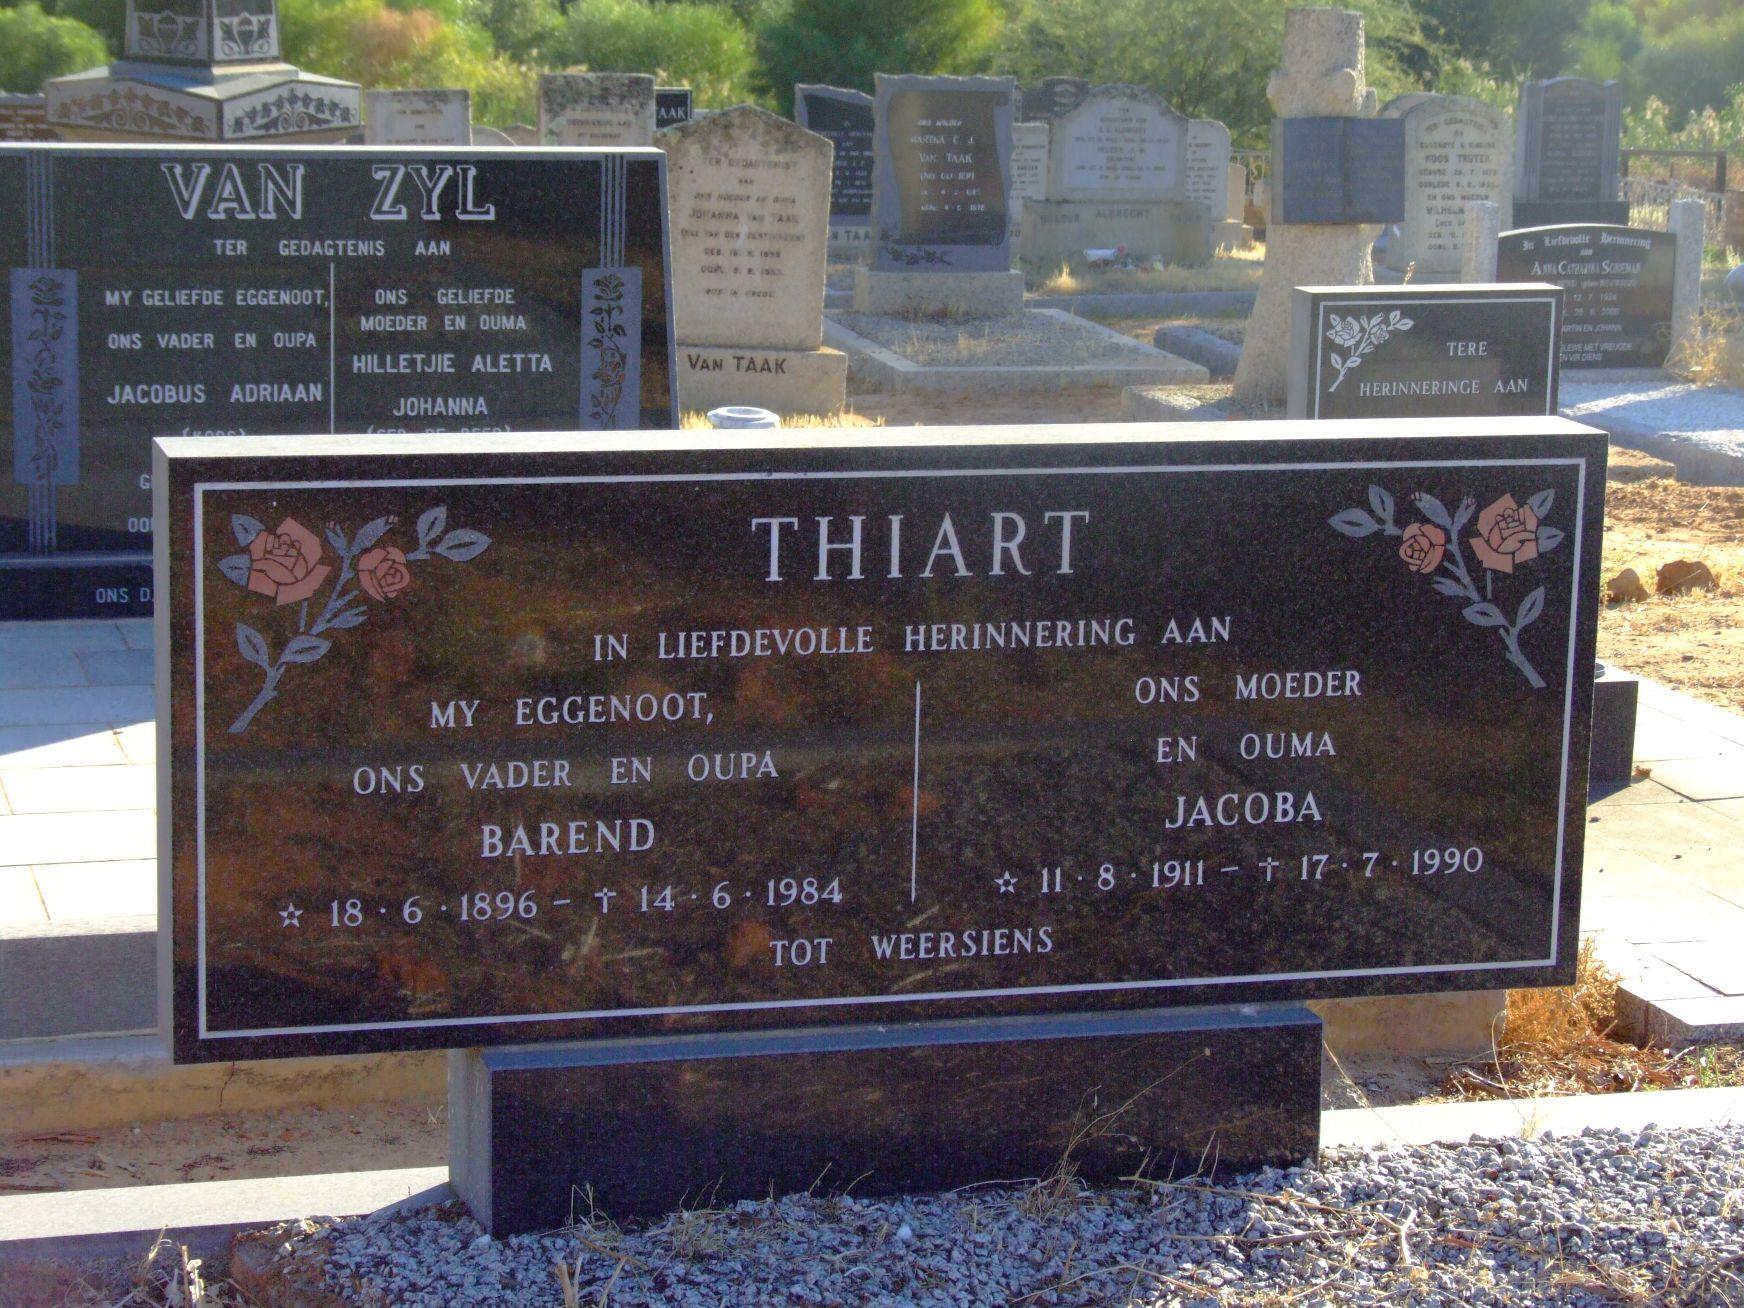 Thiart, Barend + Thiart, Jacoba